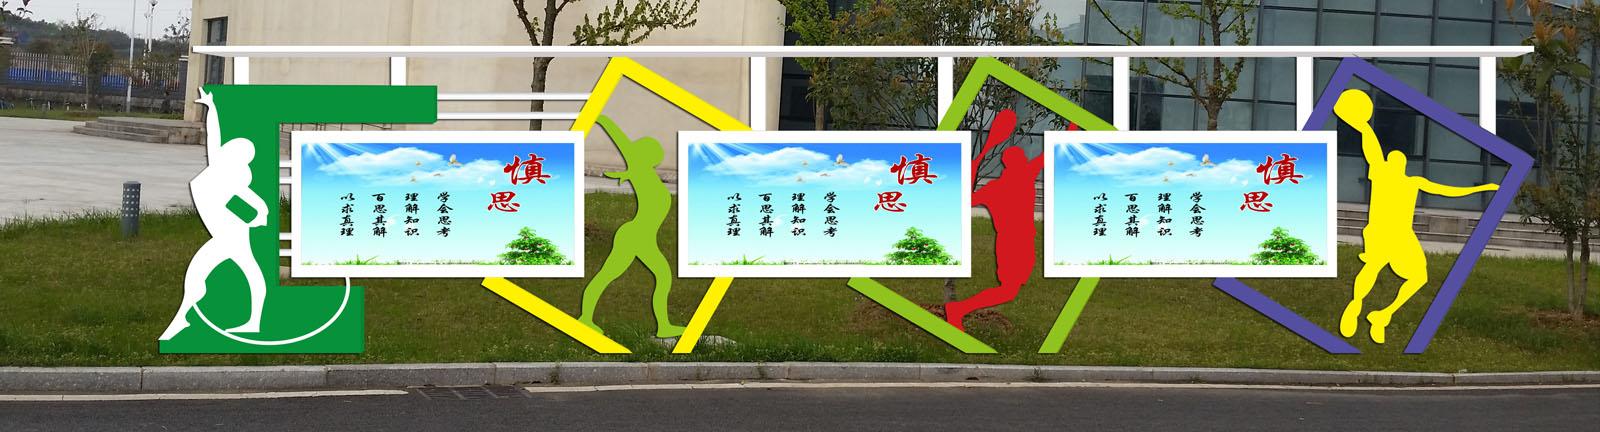 桂林公交候车亭